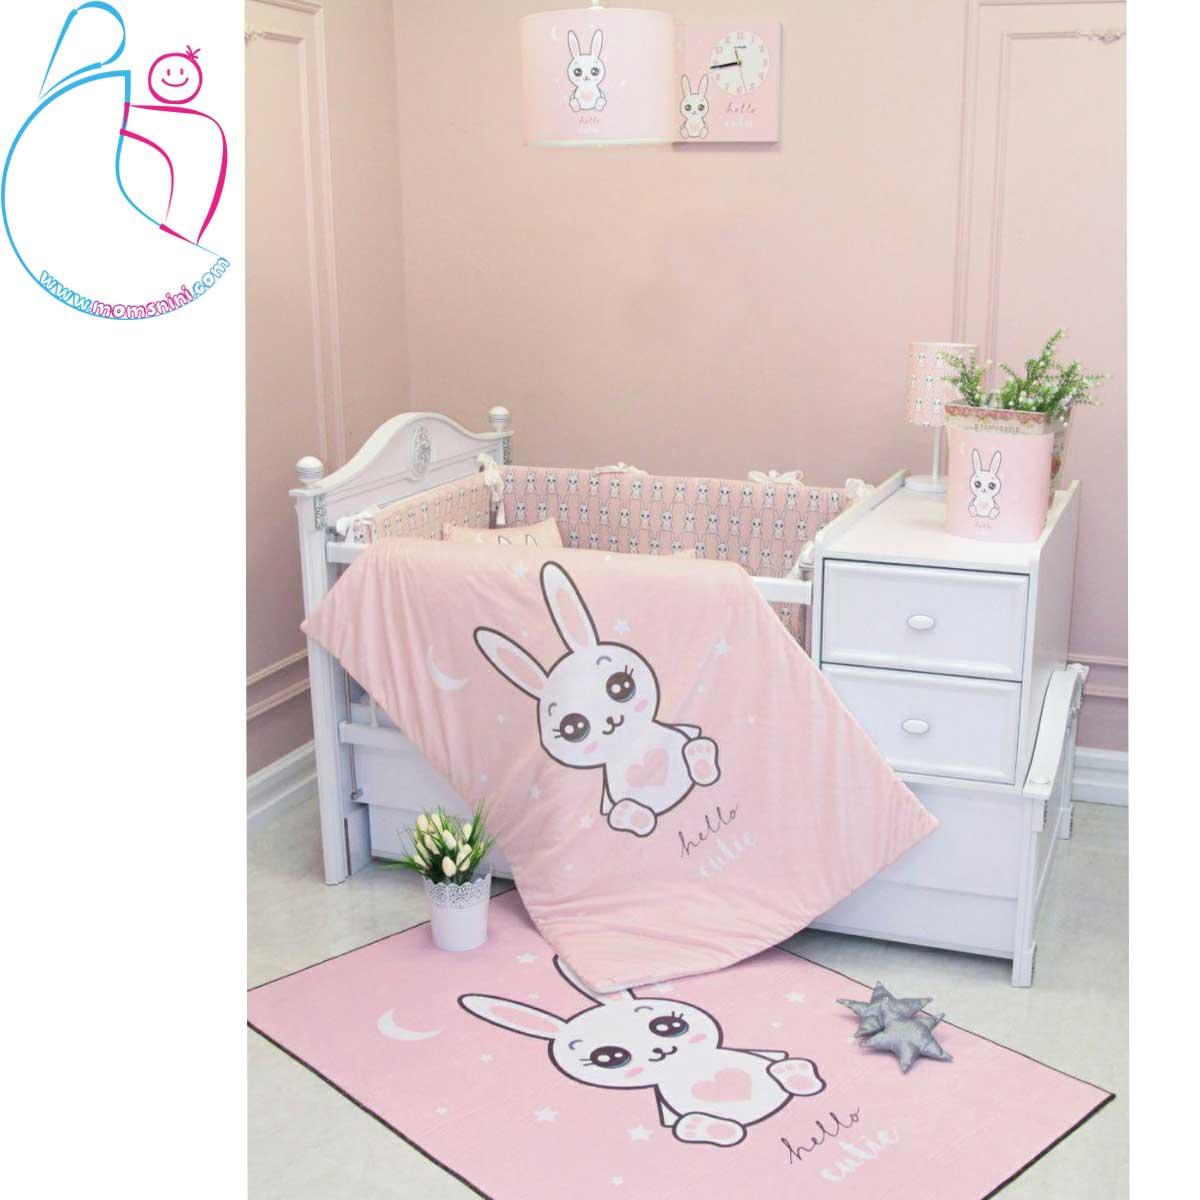 روتختی ۷ تکه نوزاد مدل خرگوش لوس مامزکیوتی(momscutie)